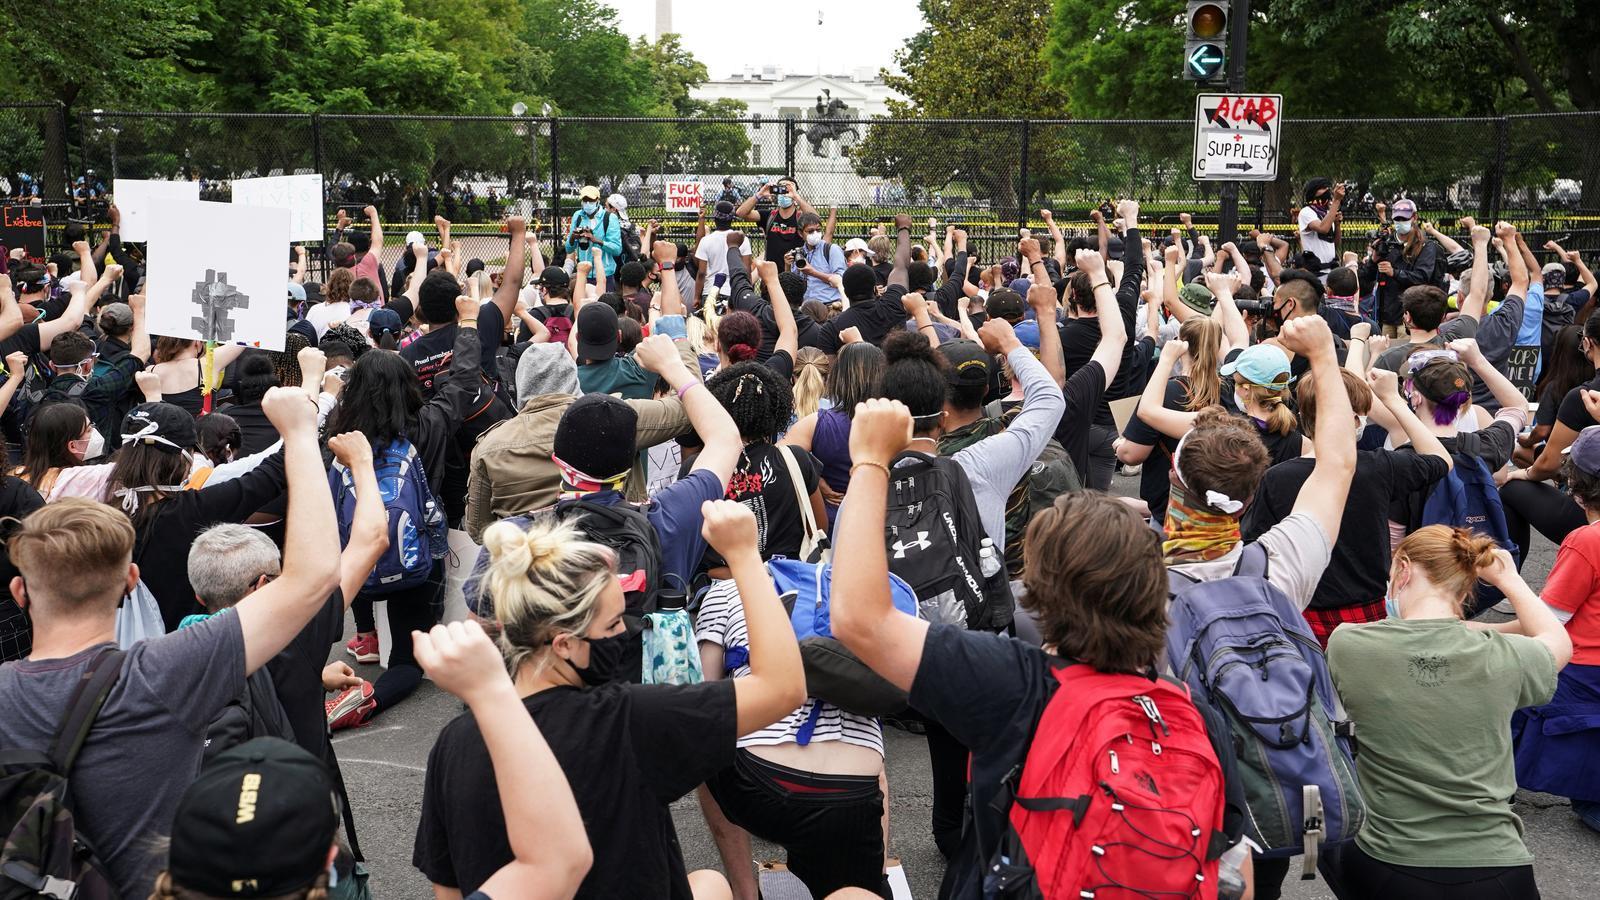 Manifestants contra el racisme policial davant de la Casa Blanca dimarts 2 de juny.